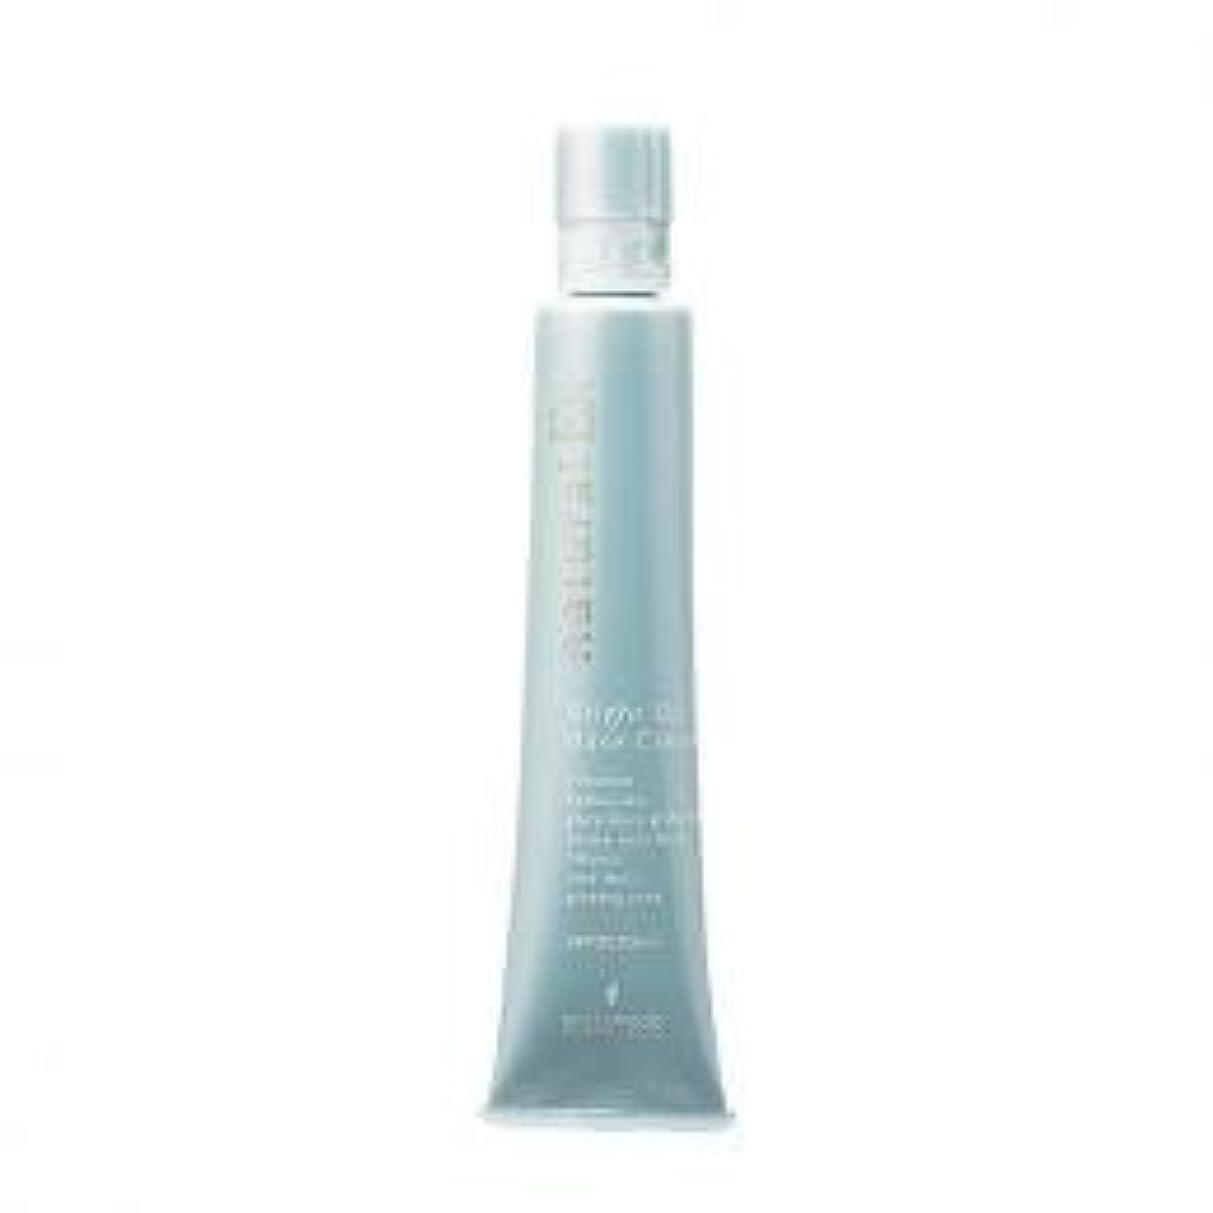 それに応じてリボン立場ハリウッド化粧品 ナチュラルEX ブライトアップ ベースクリーム h 35g SPF30 PA++